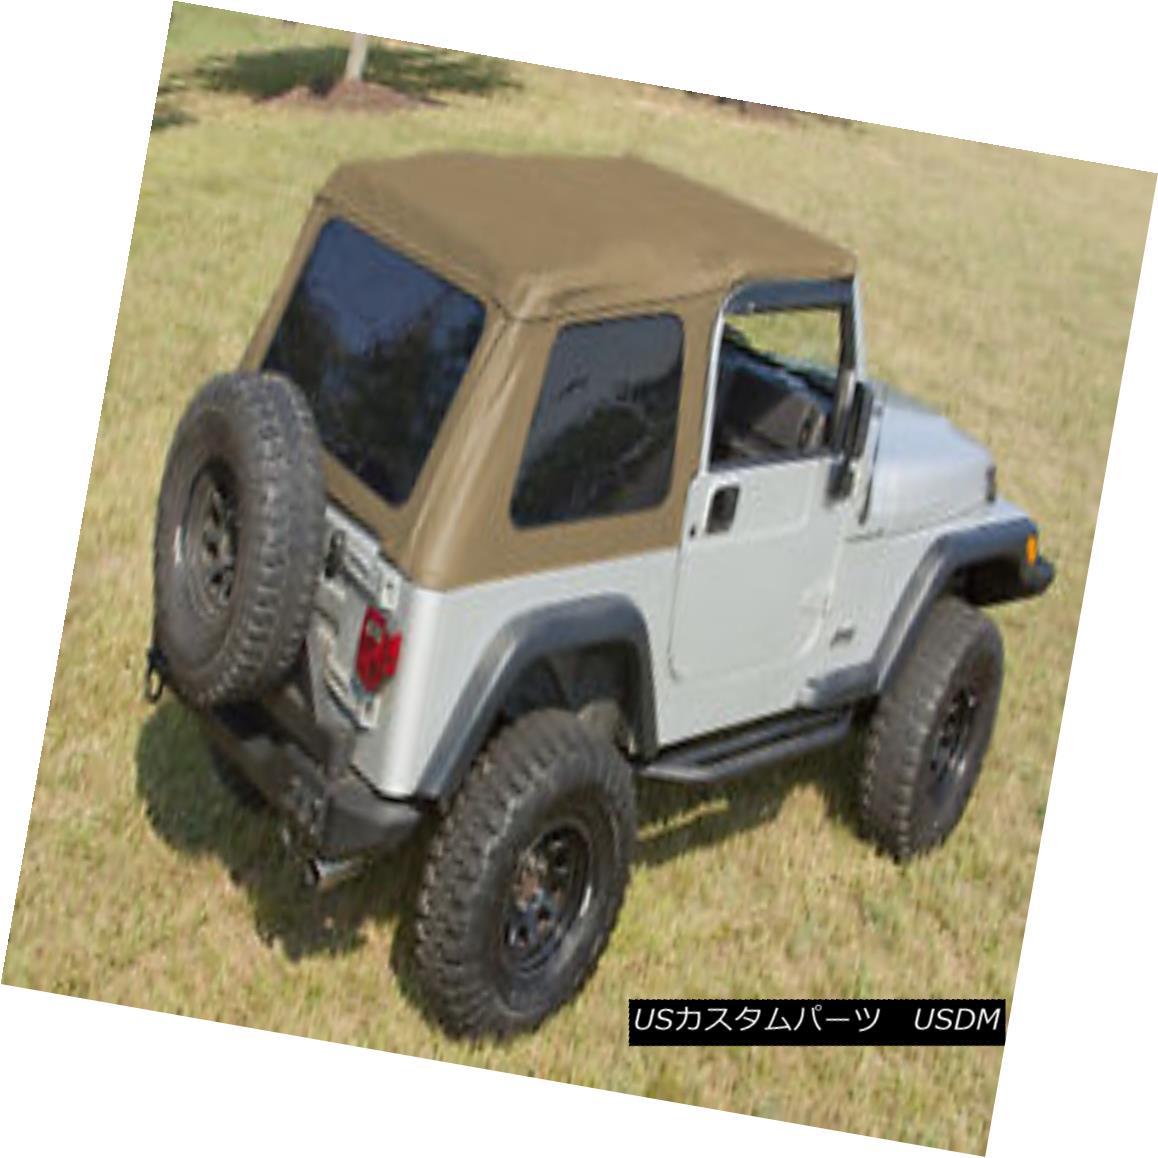 幌・ソフトトップ XHD Spice Bowless Soft Top Jeep Wrangler TJ 1997-2006 13750.37 Rugged Ridge XHDスパイスボウレスソフトトップジープラングラーTJ 1997-2006 13750.37 Rugged Ridge